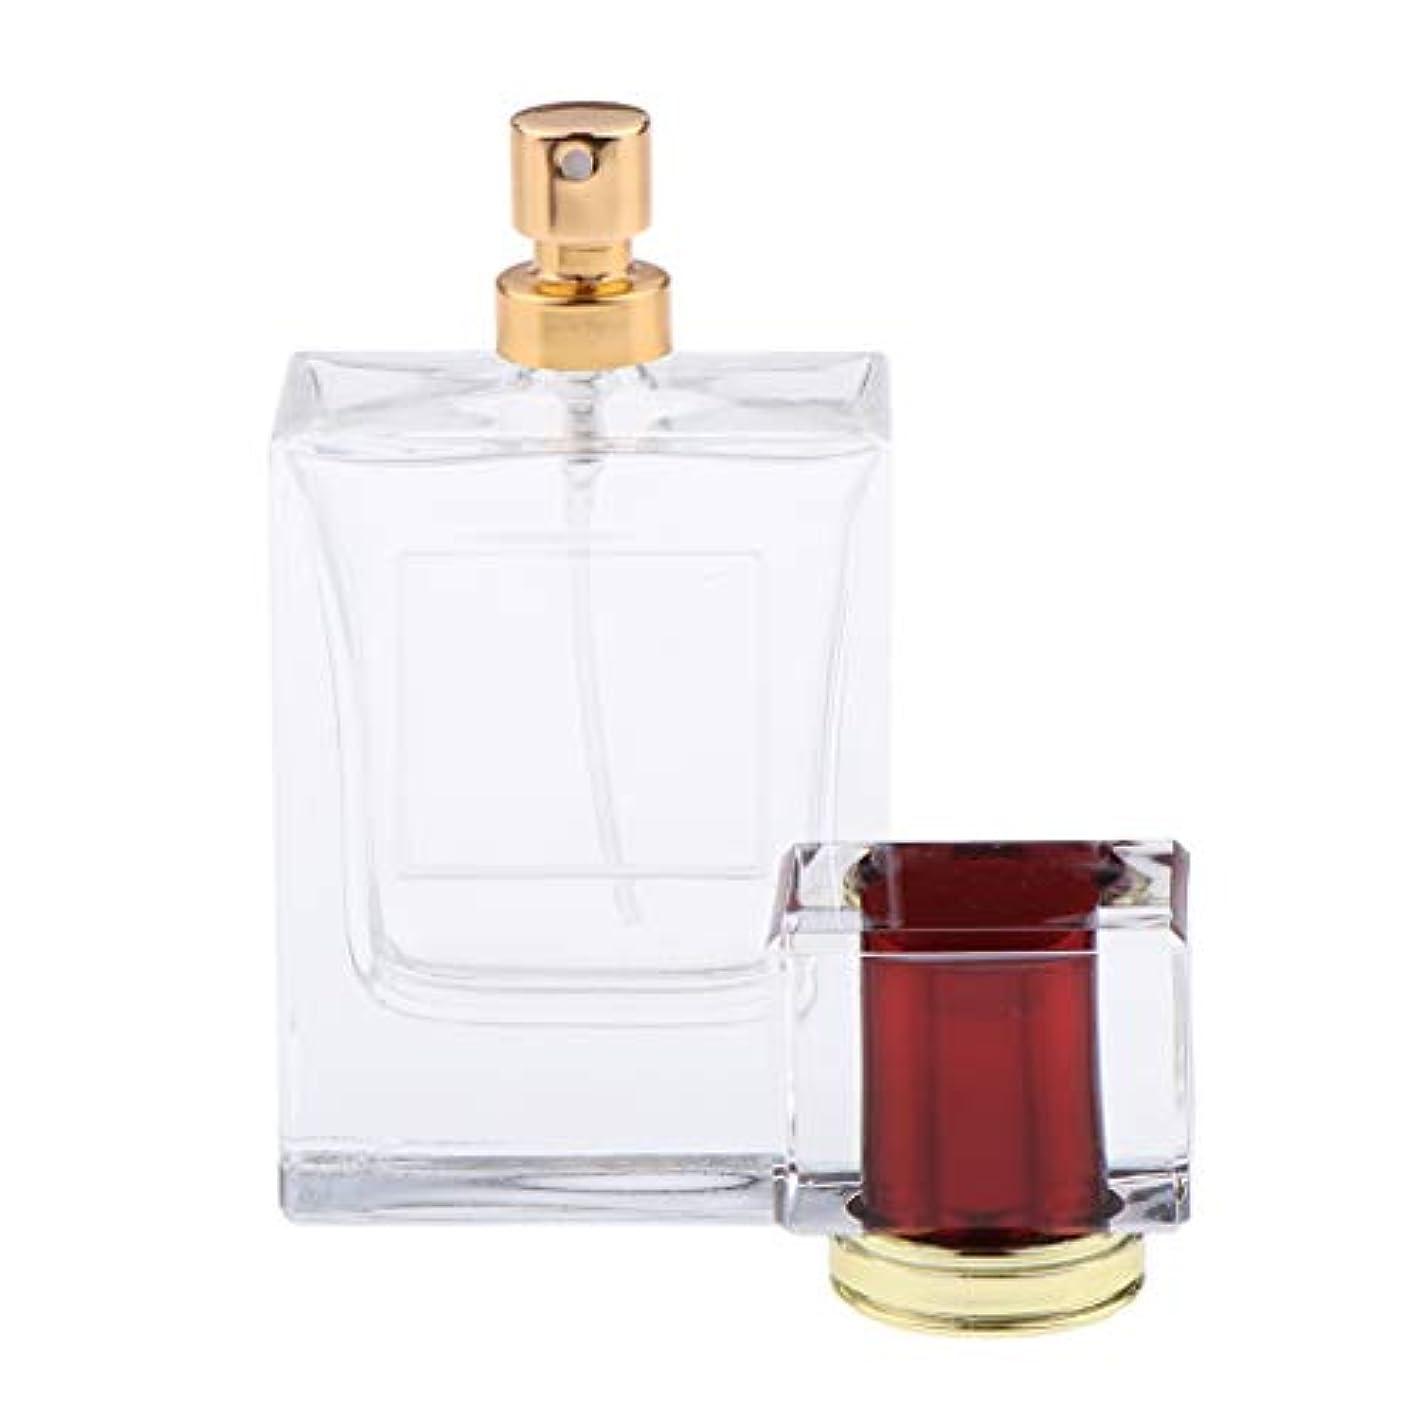 疑問を超えて無礼に仕事に行く香水瓶 化粧ボトル 透明ガラス ポンプスプレーボトル 手作りコスメ 4色選べ - 紫赤い